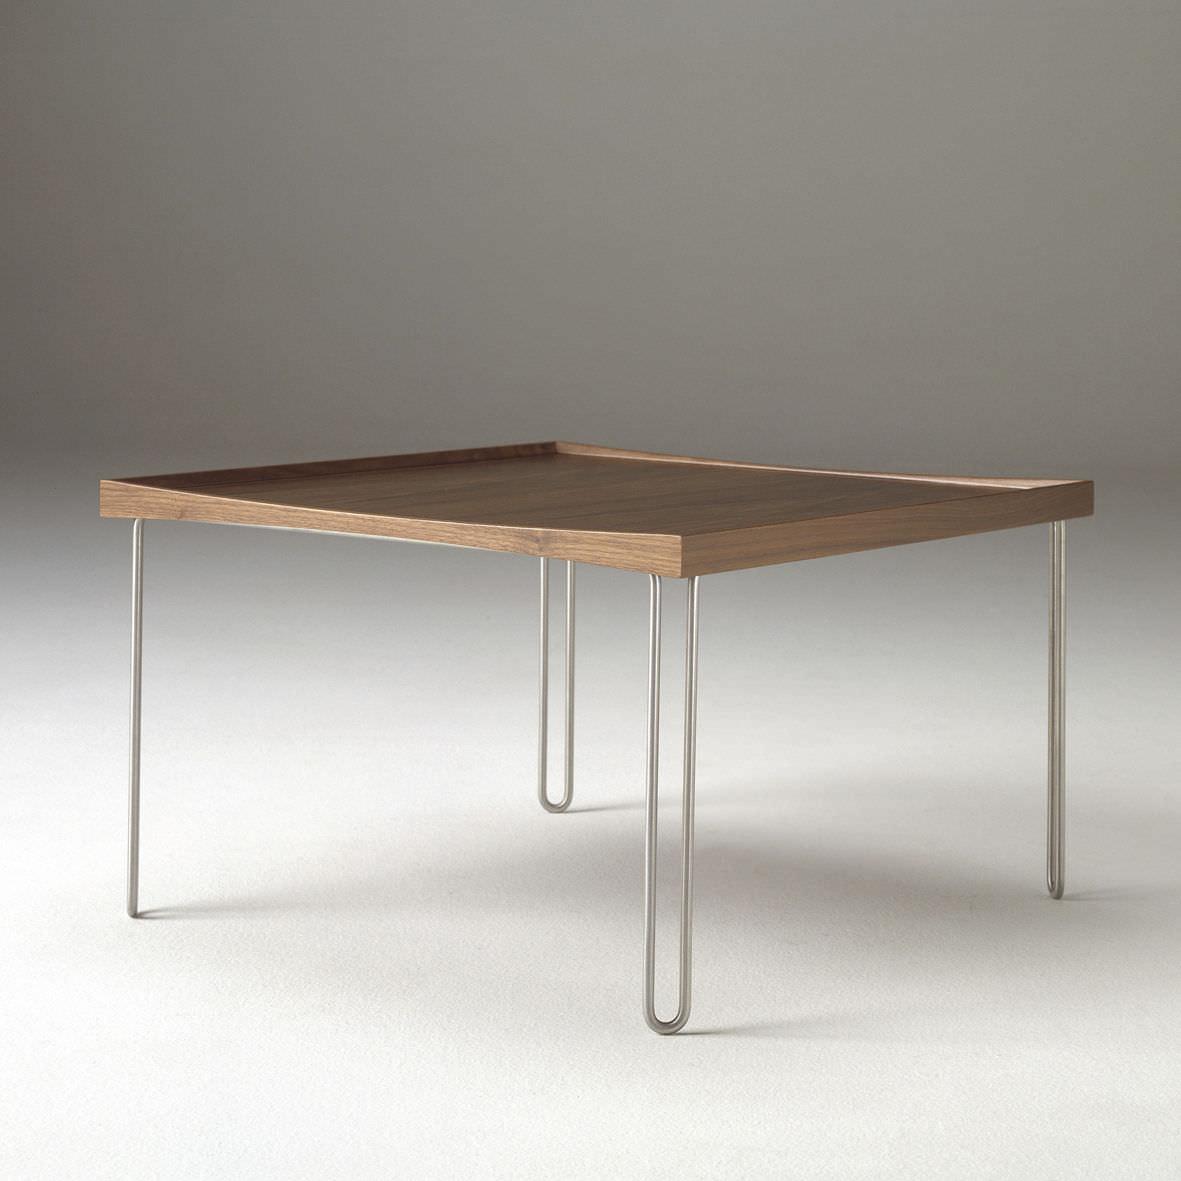 Table Basse Design Scandinave En Bois Massif En Stratifié En